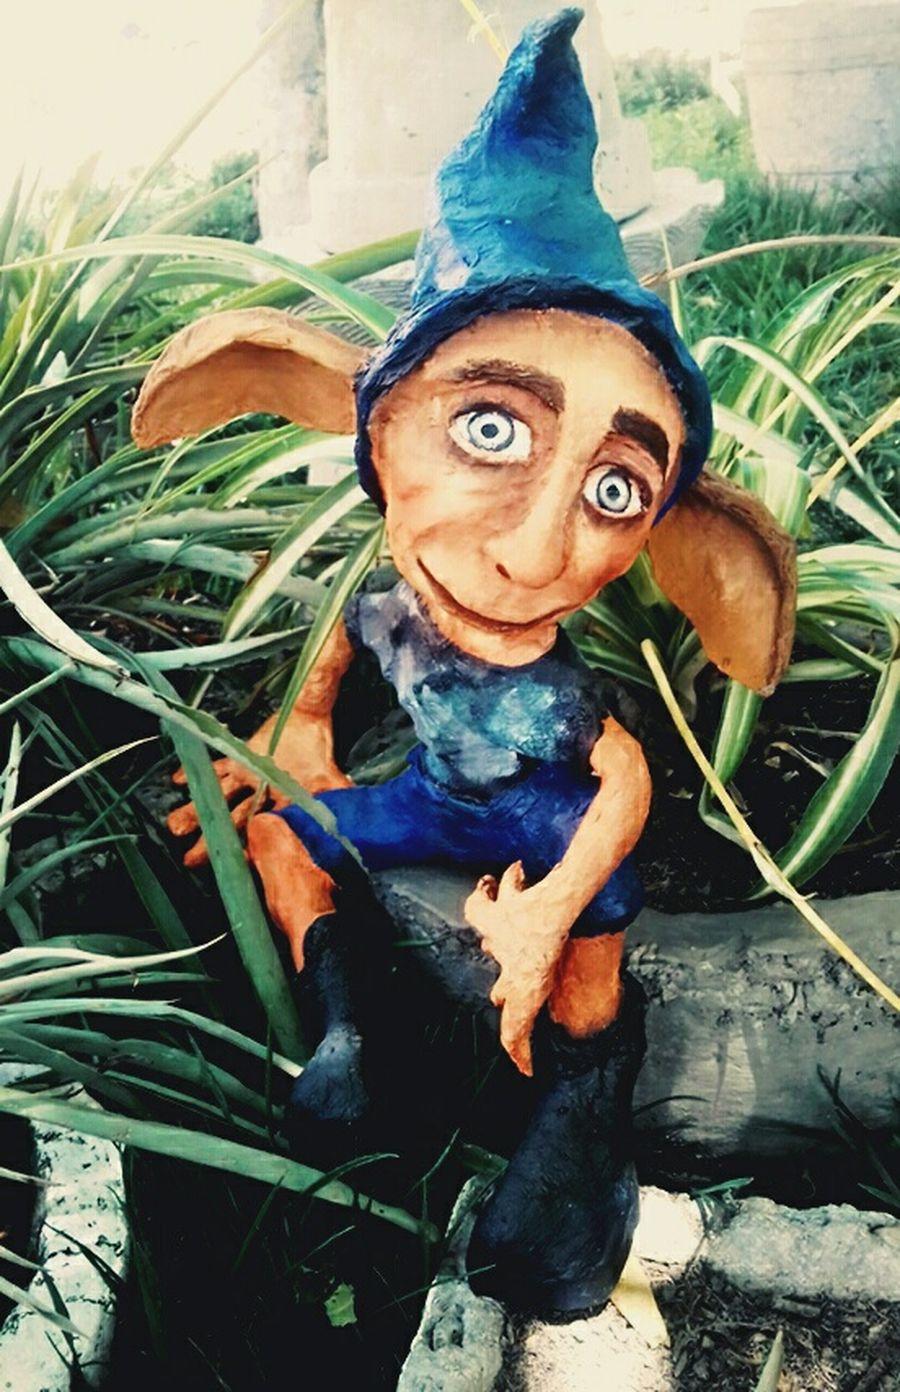 Goblin Elf Fantasy Fair Duendes Goblinsandrainbows Garden Photography Garden Garden Goblin Garden Gnomes Elf On The Shelf